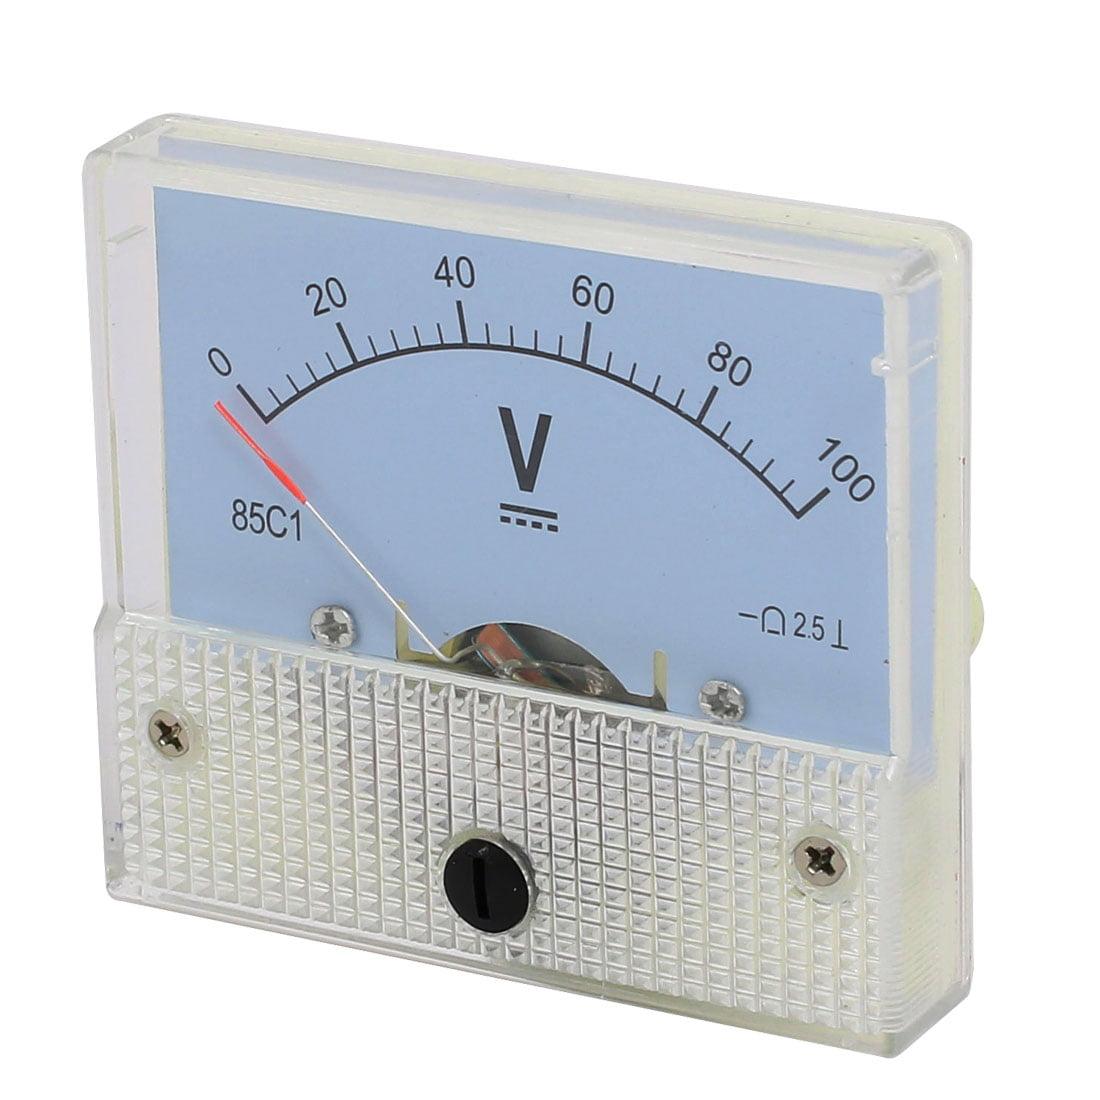 Unique Bargains Class 25 Accuracy Dc 0 100v Dial Panel Gauge Voltmeters Voltmeter Voltage Meter 85c1